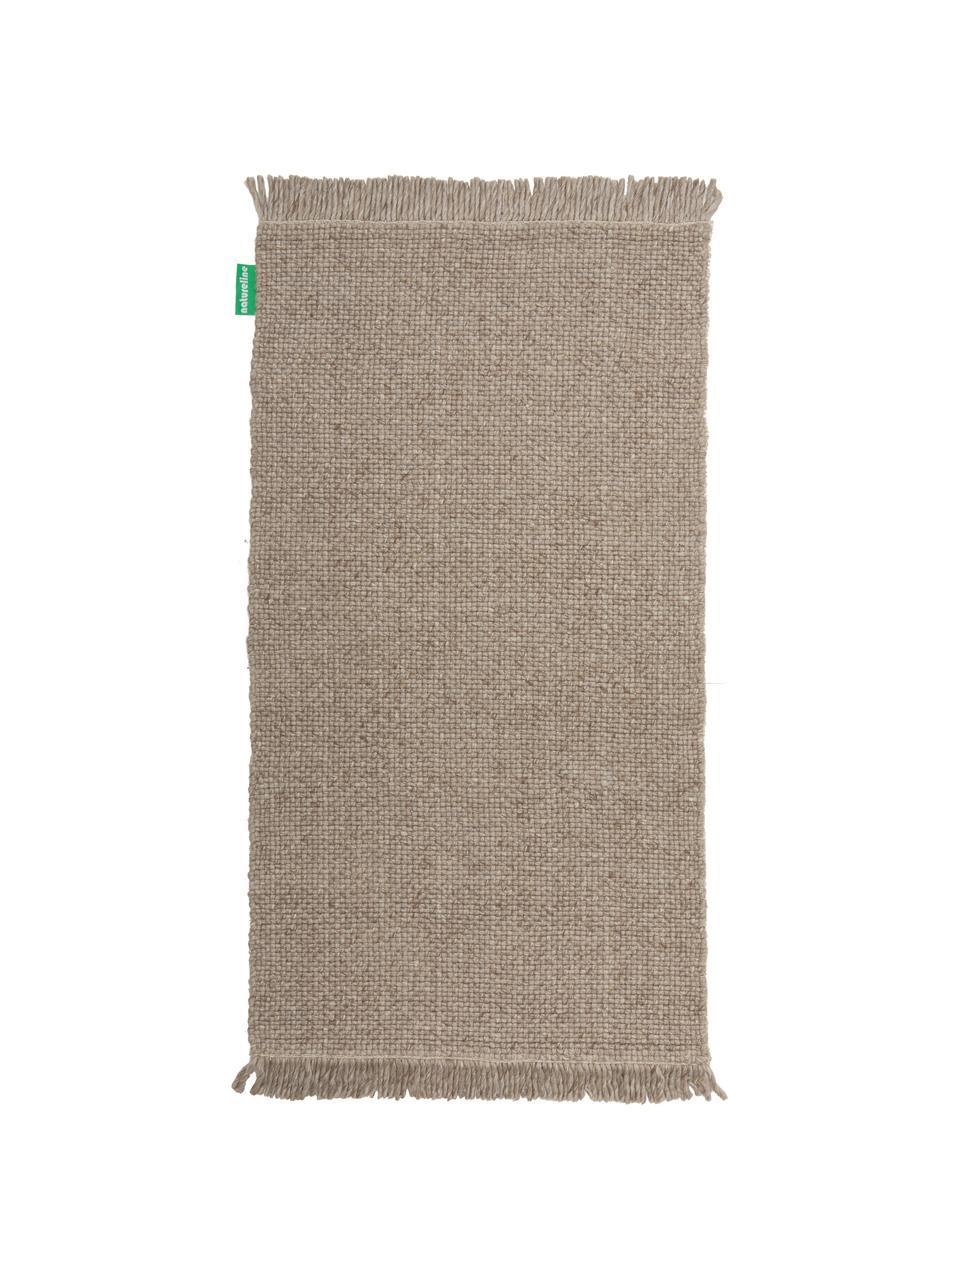 Ręcznie tkany dywan z wełny z frędzlami Alvin, Taupe, melanżowy, S 120 x D 170 cm (Rozmiar S)